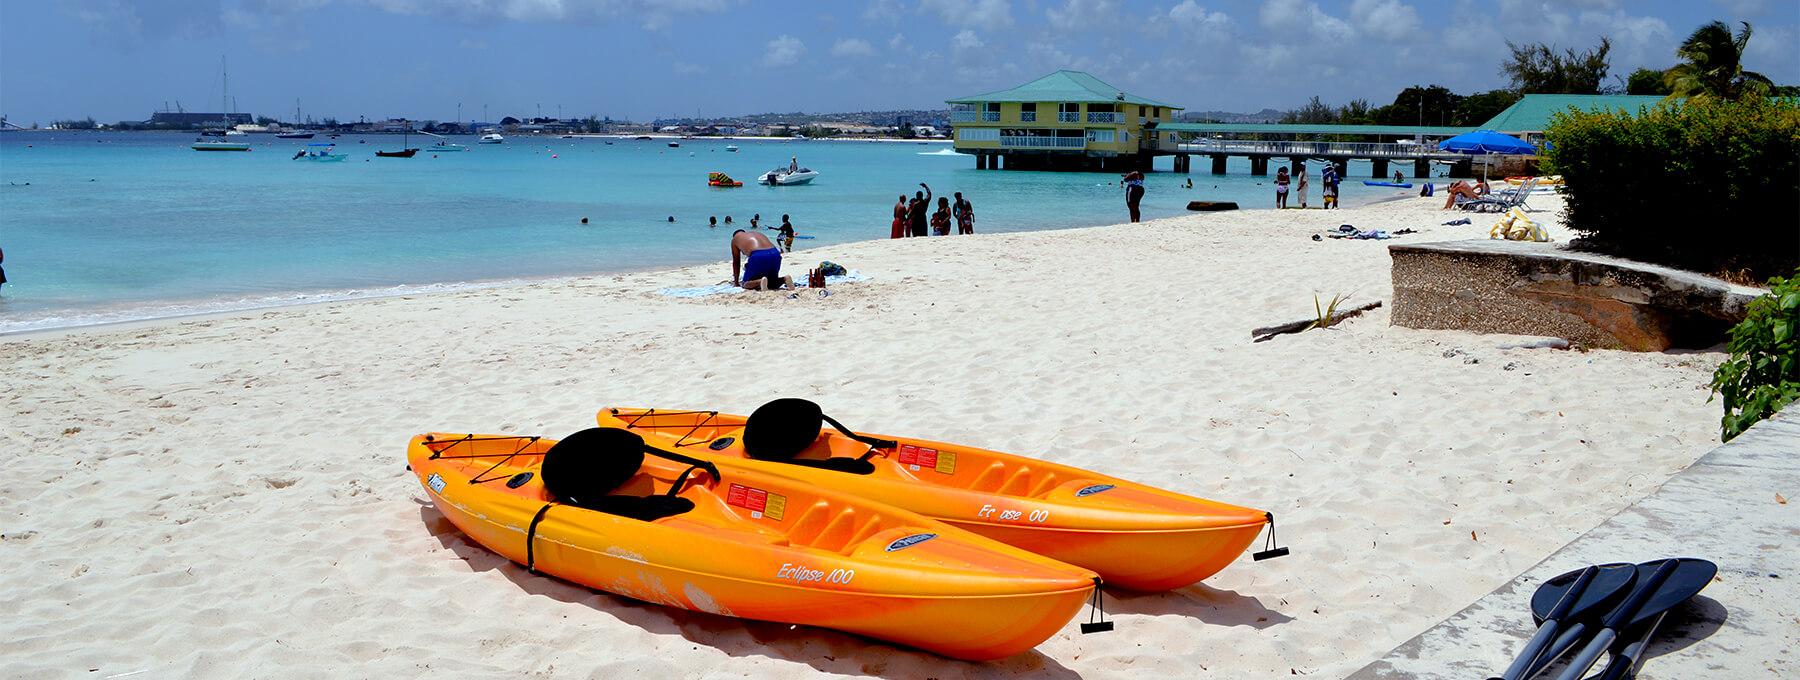 Barbados cheap holidays